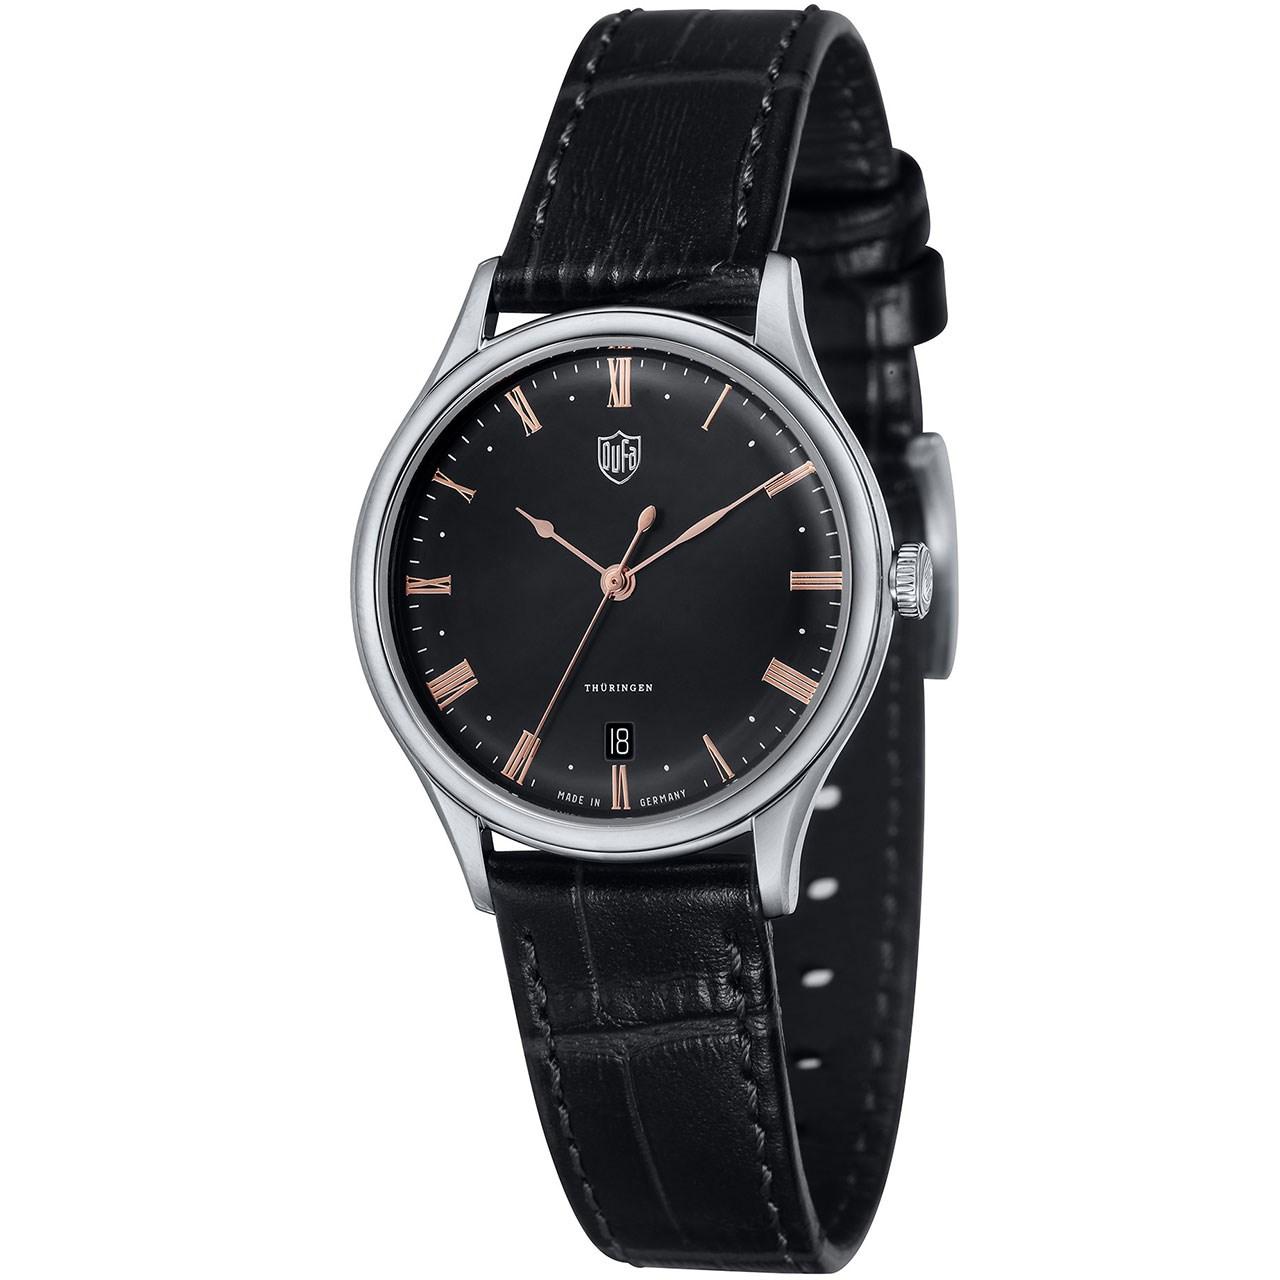 ساعت مچی عقربه ای زنانه دوفا مدل DF-7006-01 39